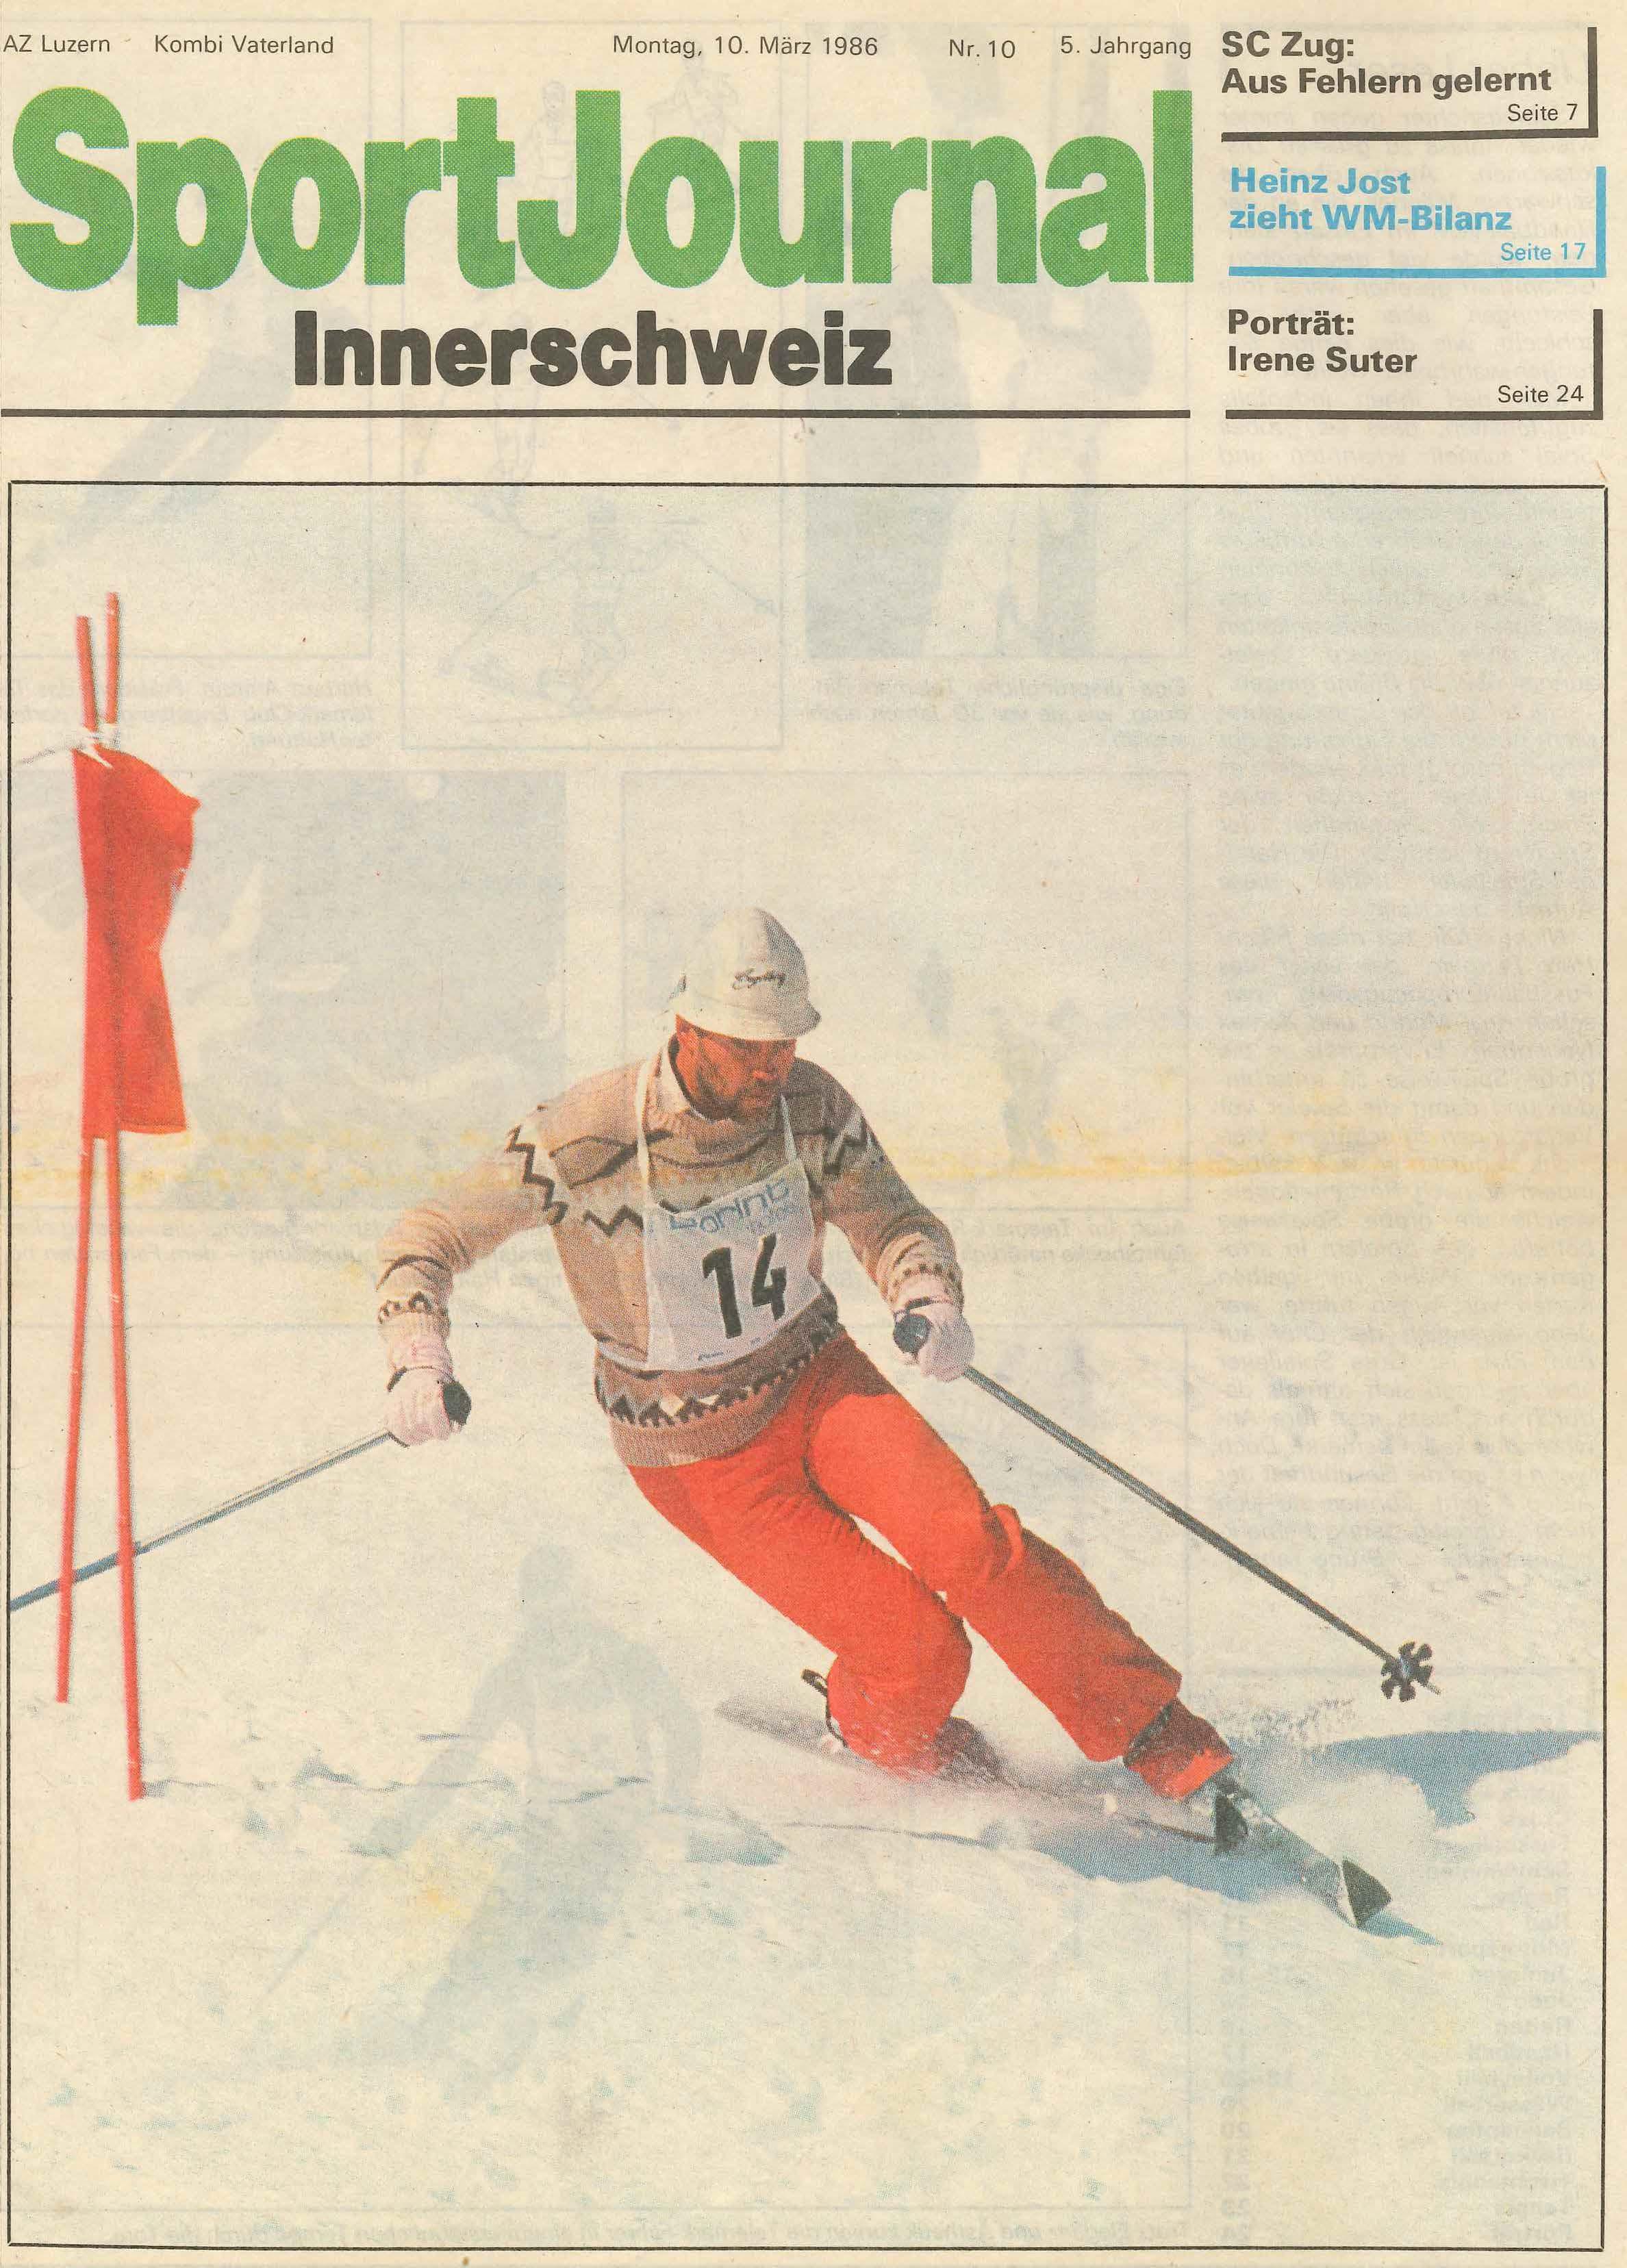 Sportjournal_März1986_Seite_1